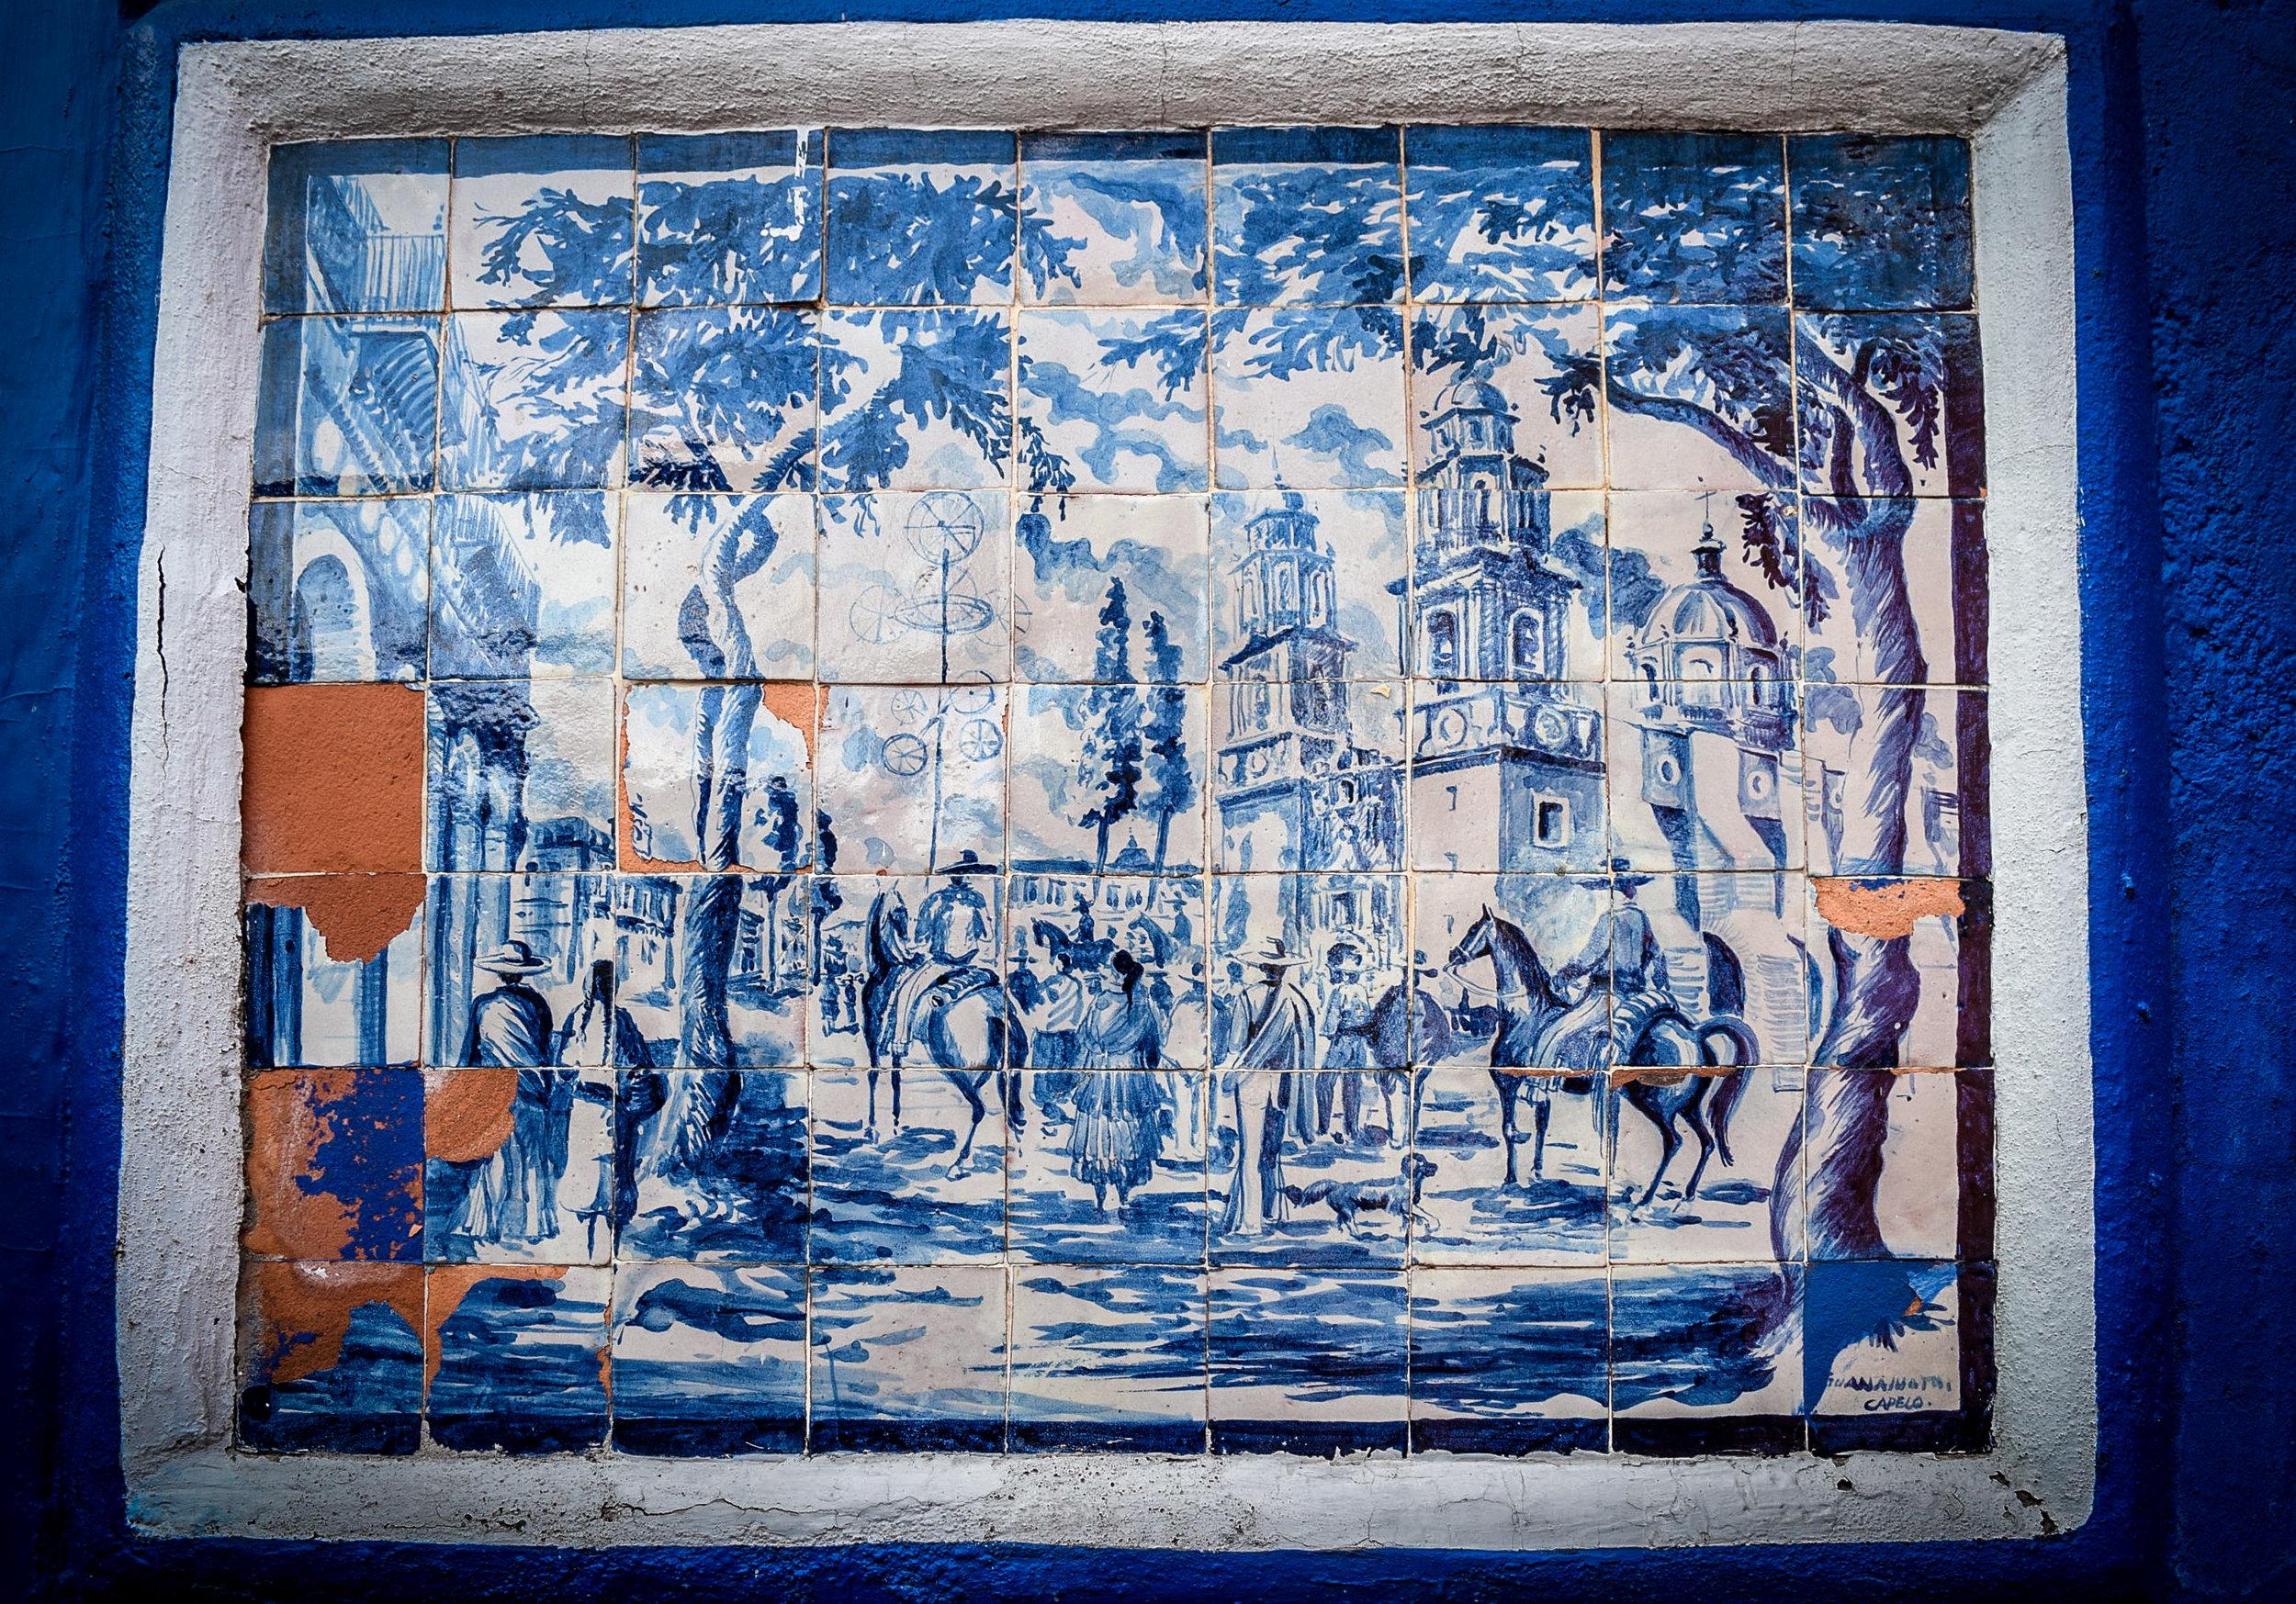 Tile street art in Guanajuato